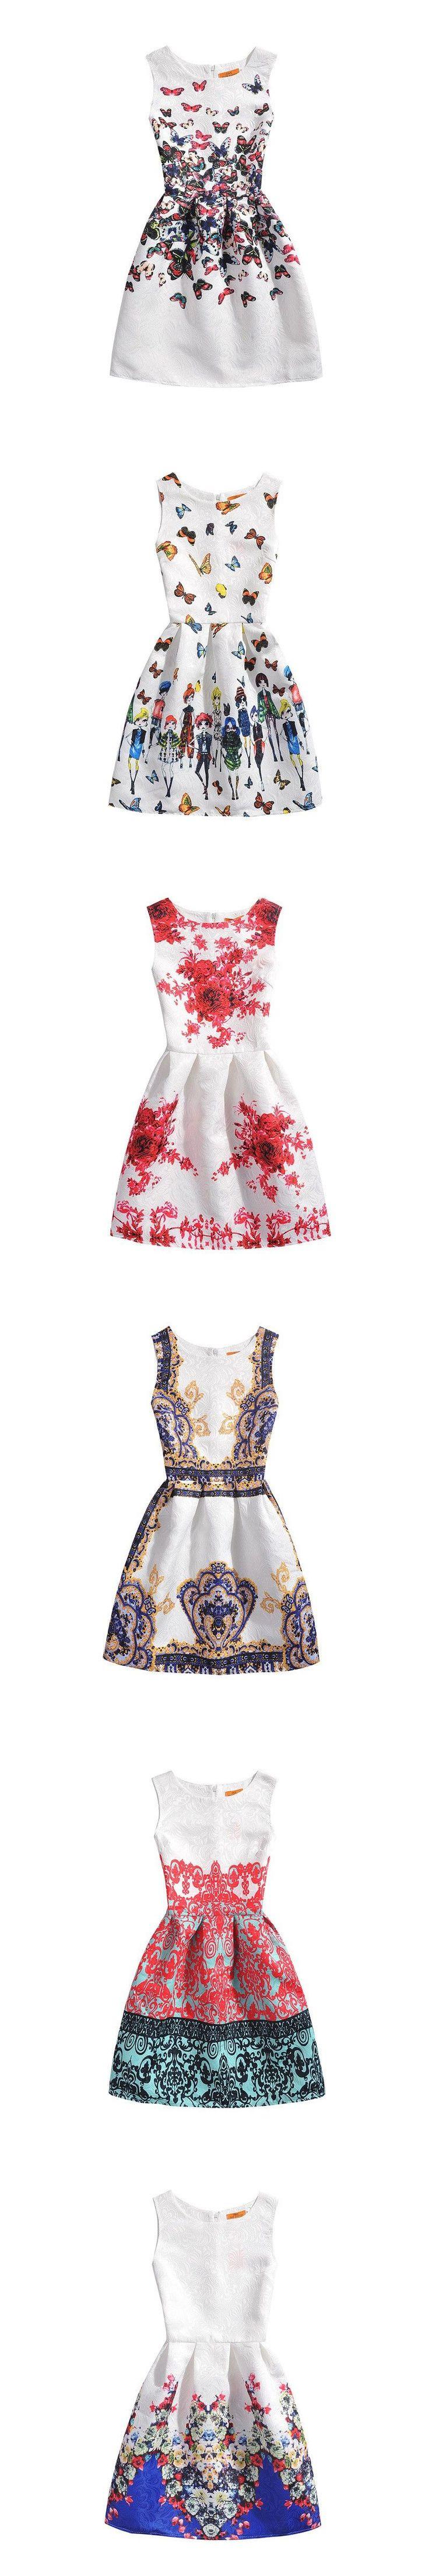 best girls summer dresses images on pinterest